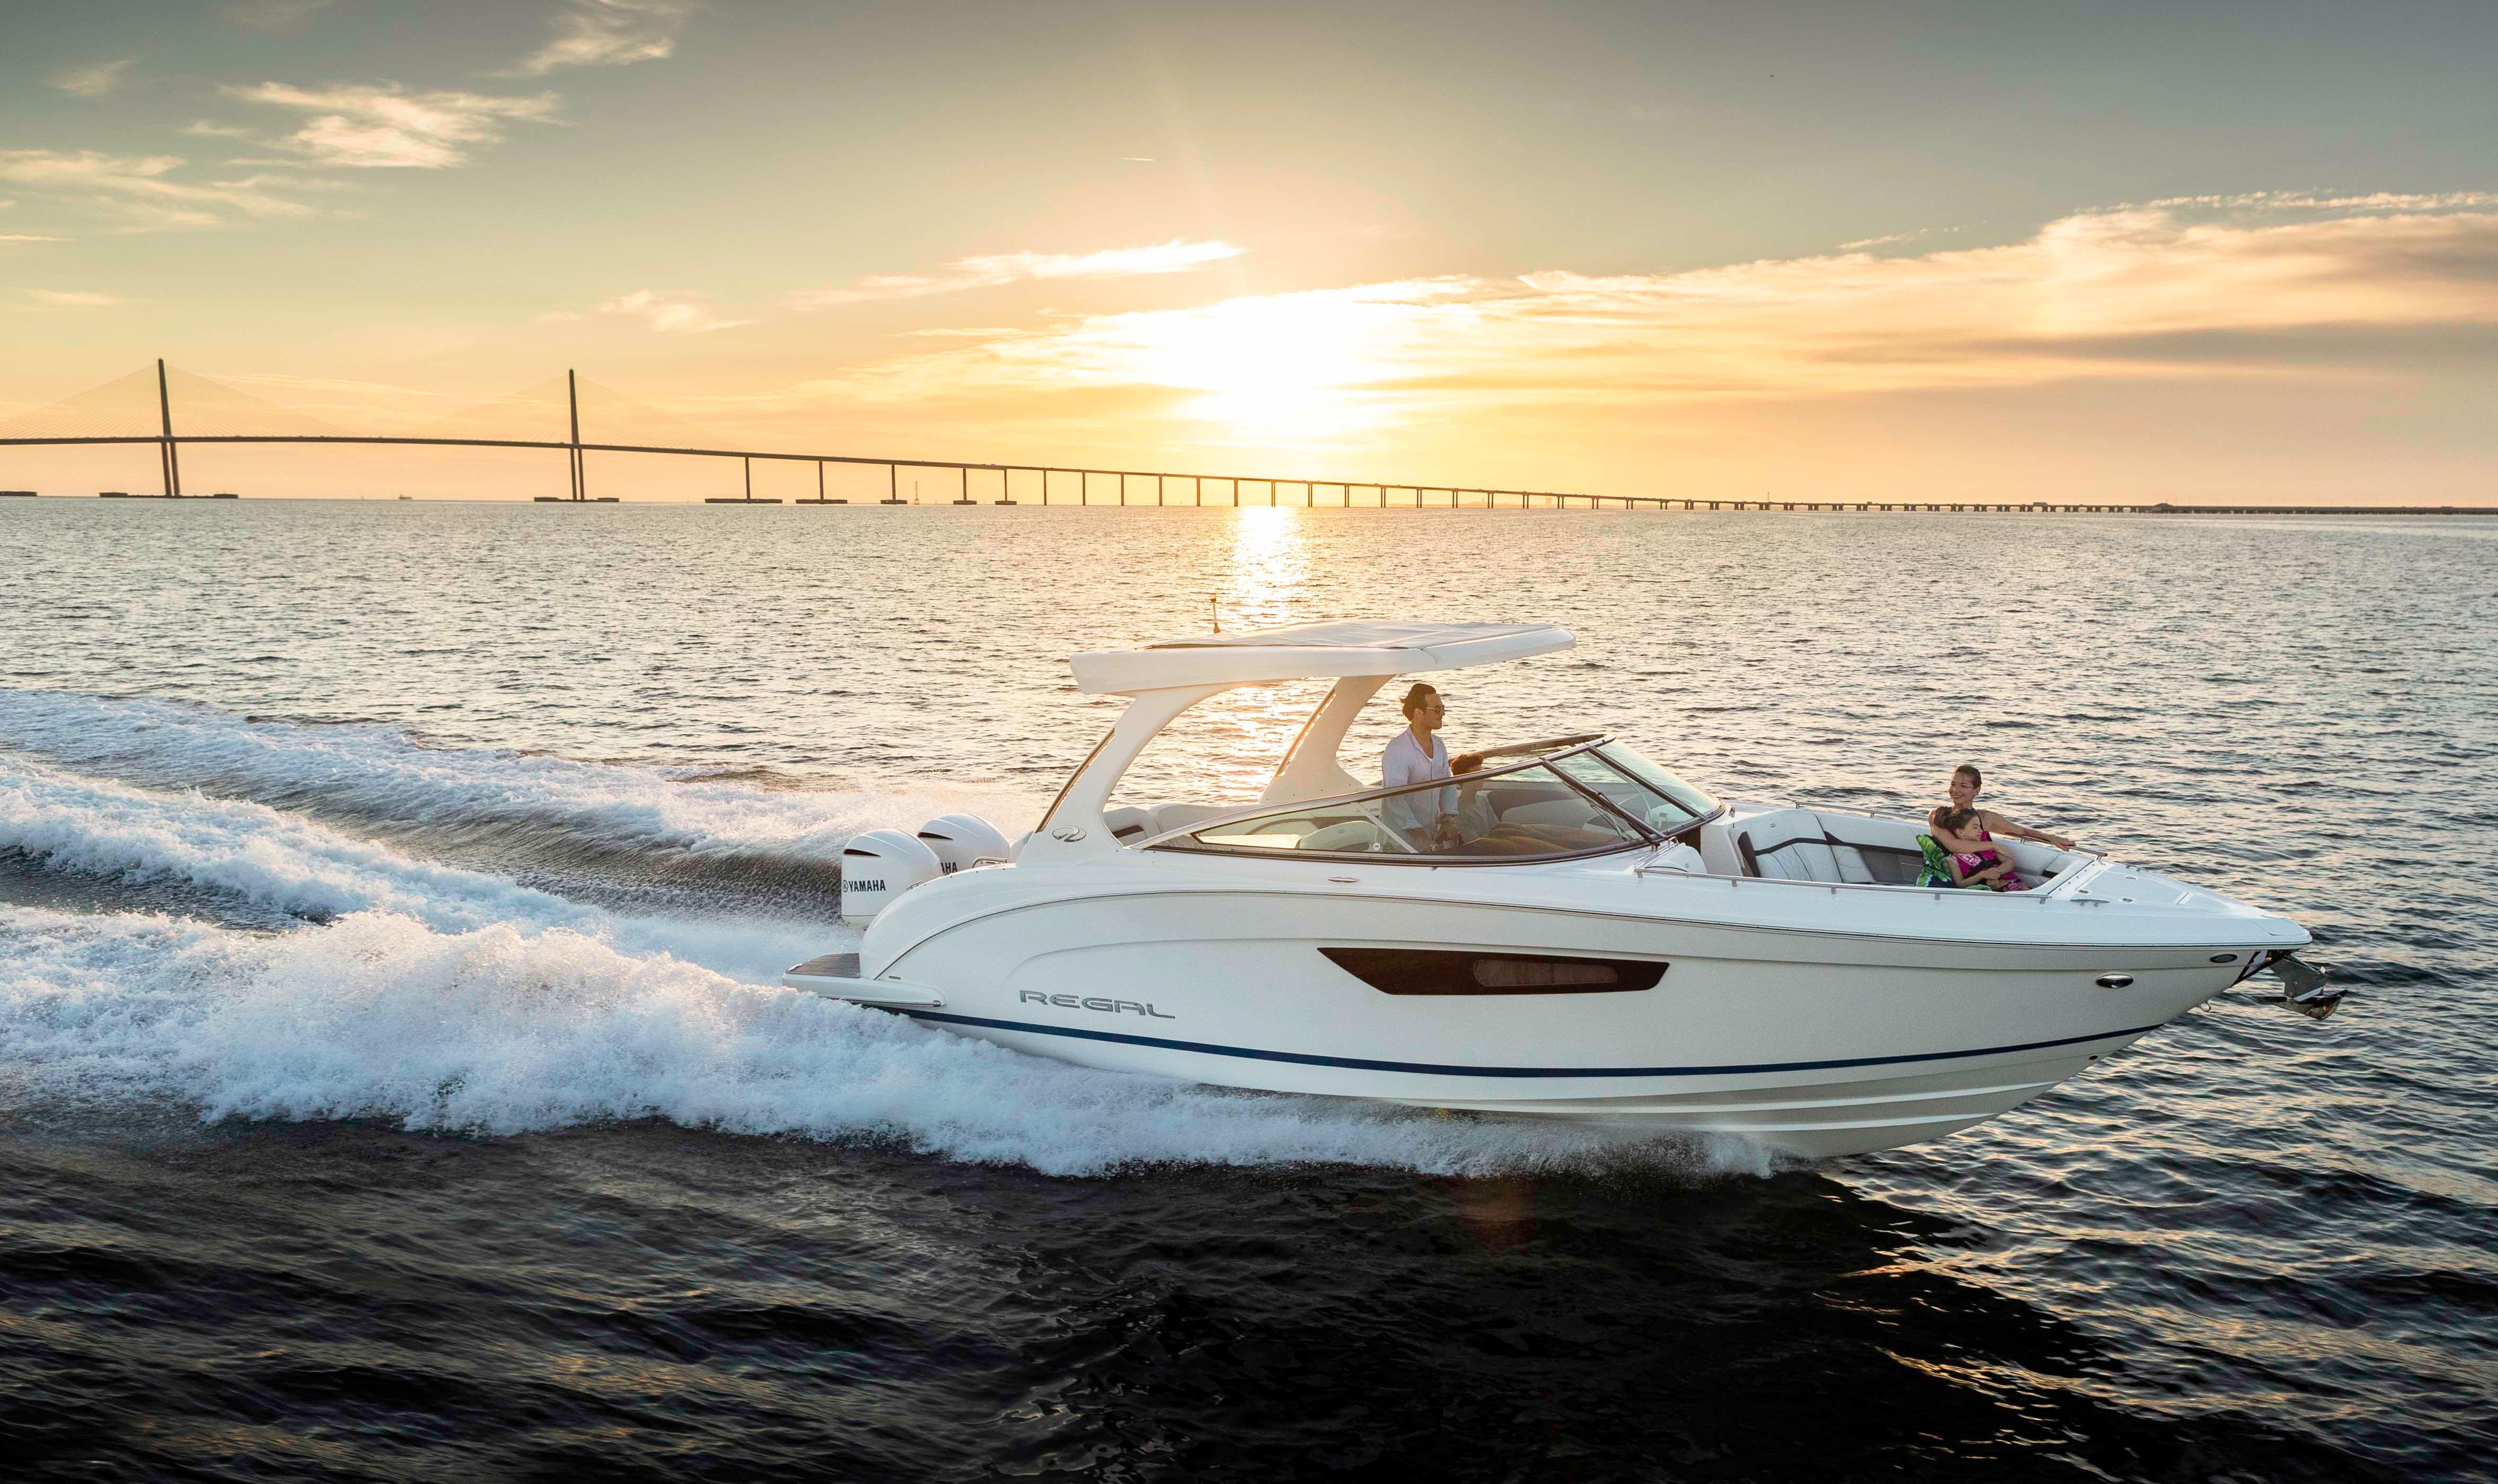 Client: Regal Boats